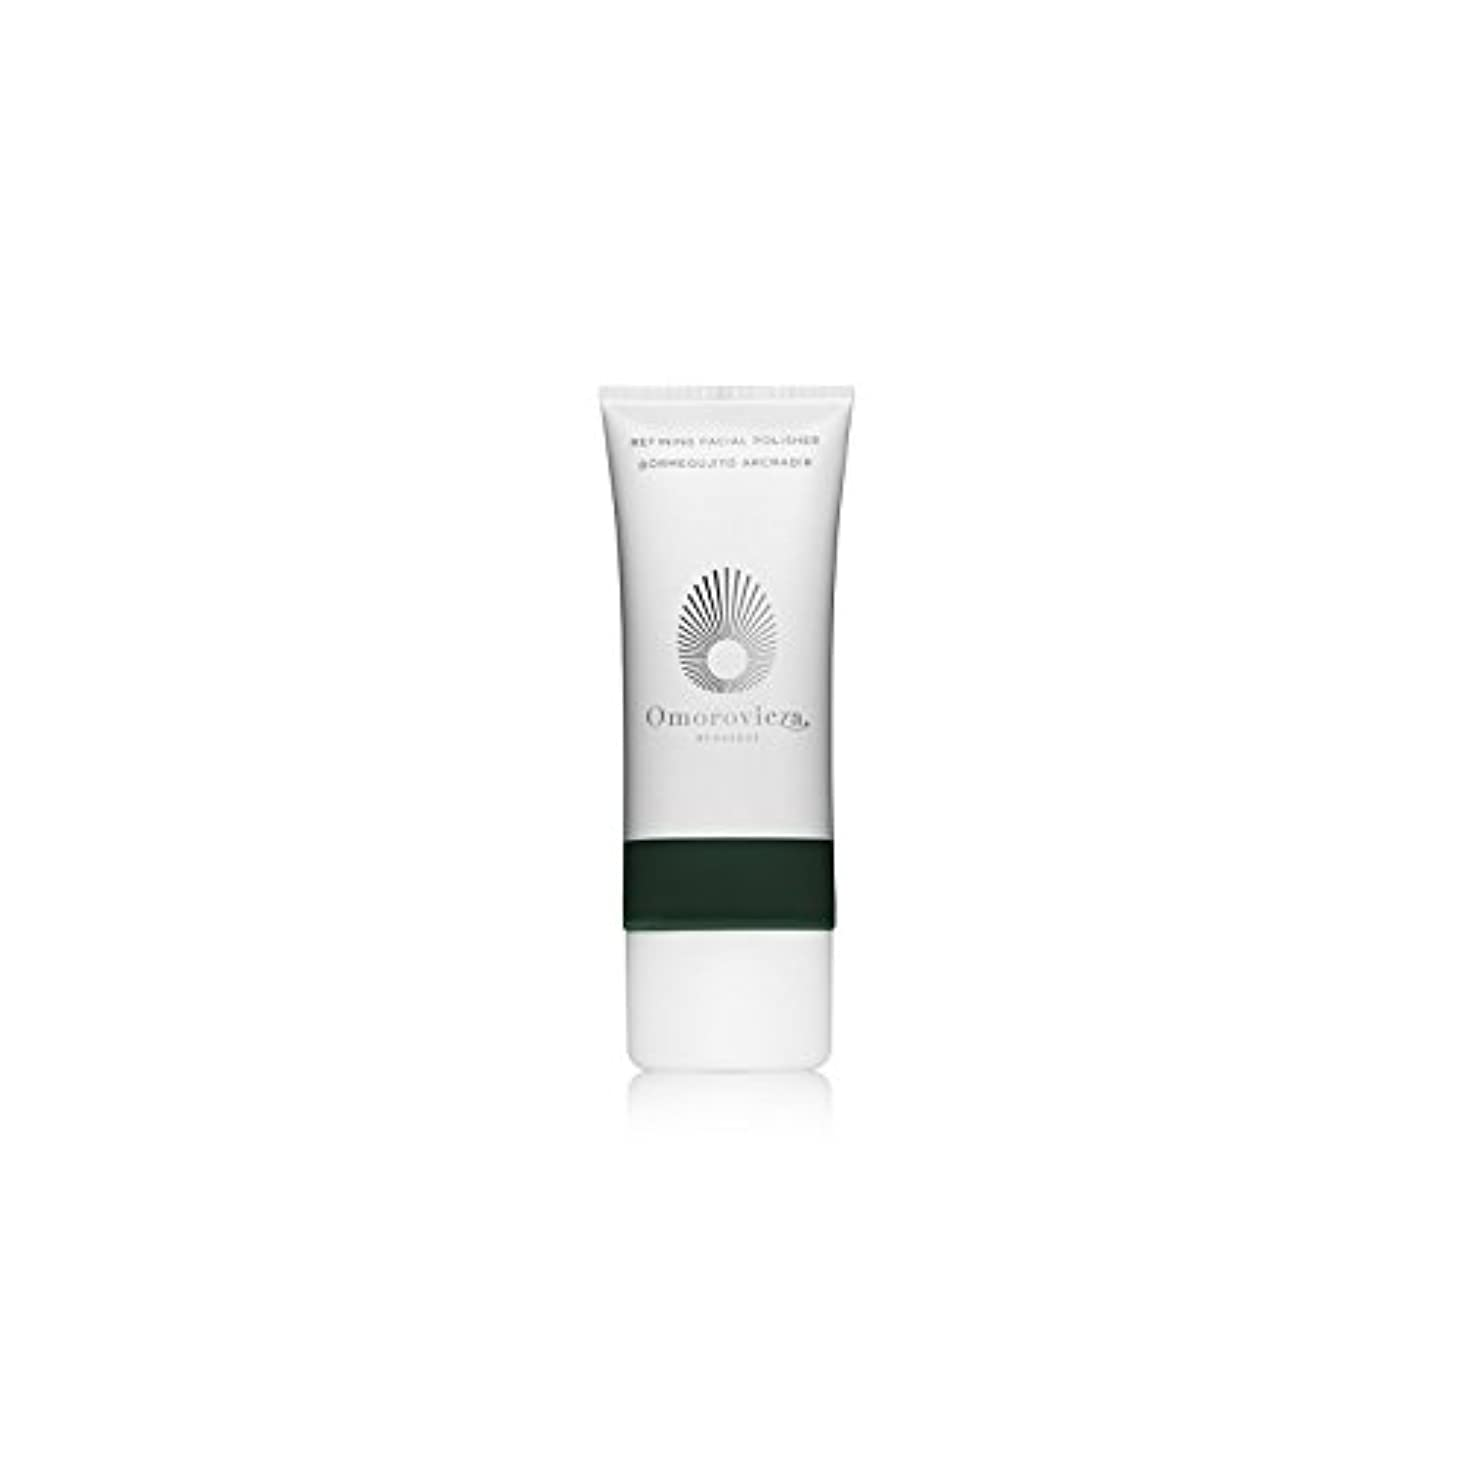 アイスクリーム結紮胆嚢Omorovicza Refining Facial Polisher (100ml) (Pack of 6) - 精錬顔のポリッシャー(100ミリリットル) x6 [並行輸入品]